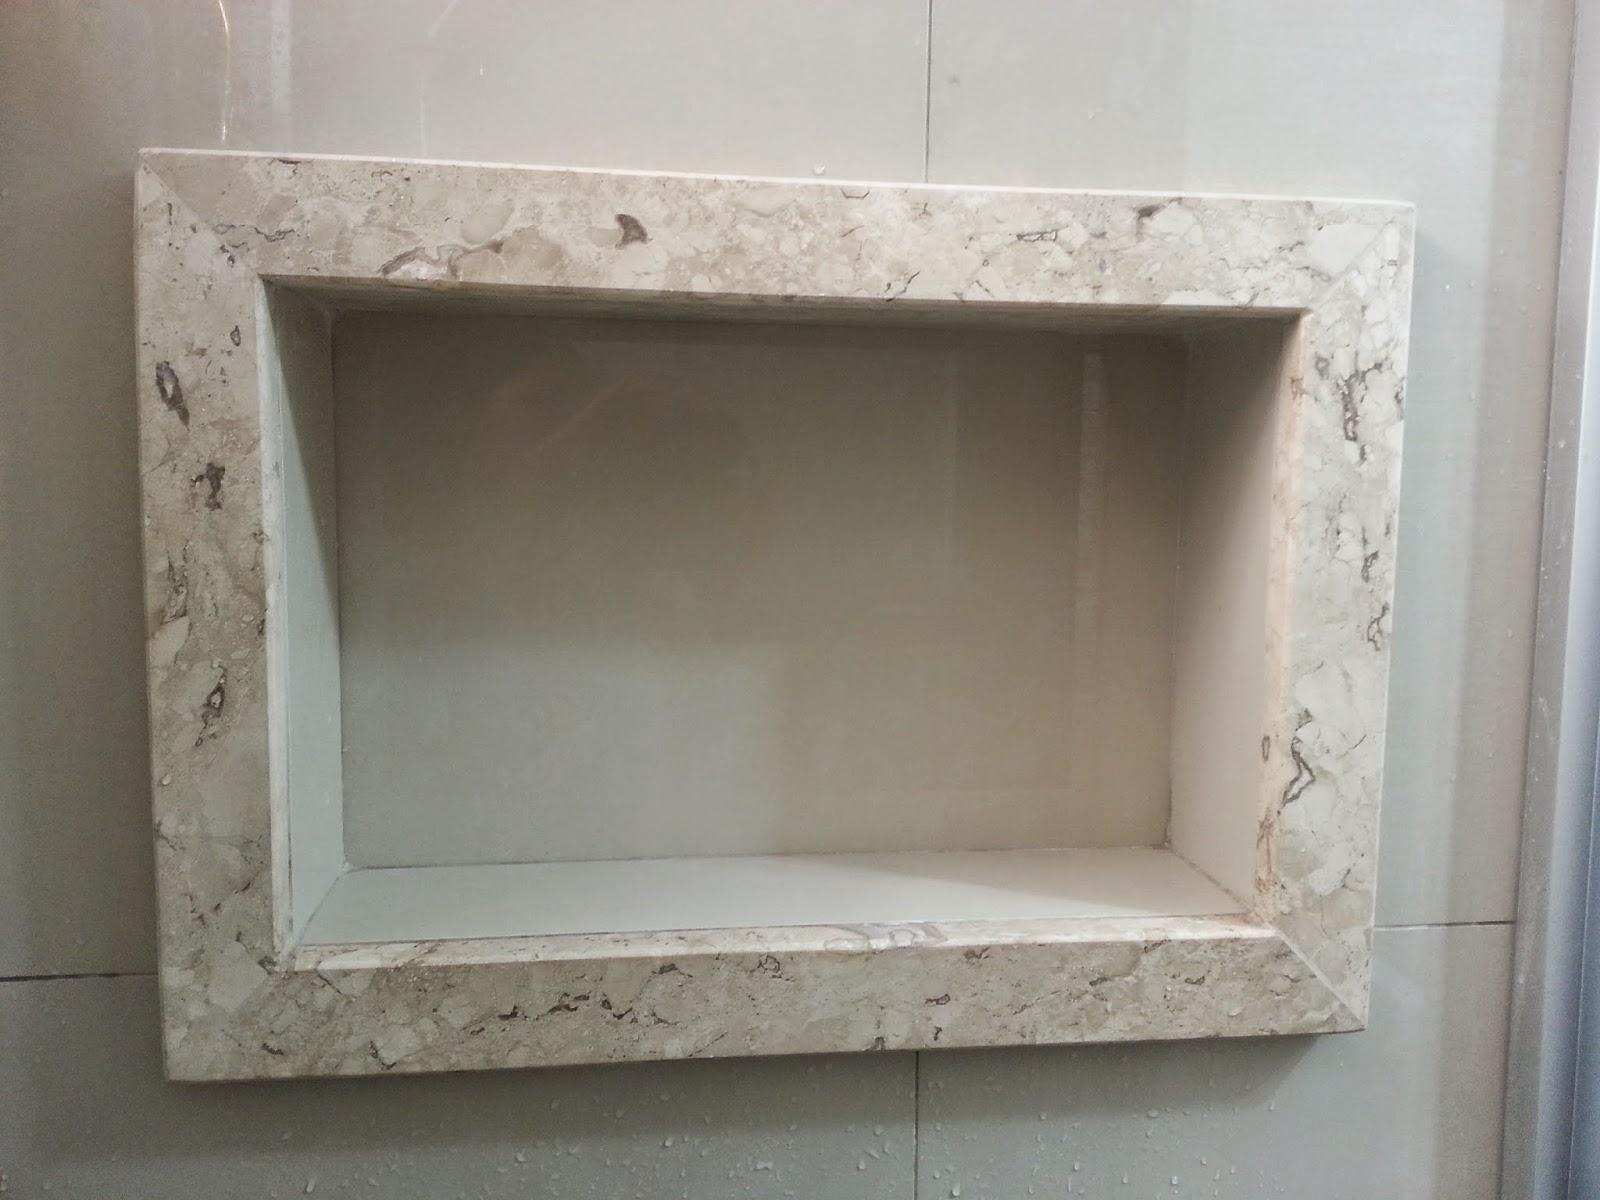 detalhes do NICHO do banheiro Meu novo Lar #4B4539 1600x1200 Armario De Banheiro Com Nicho